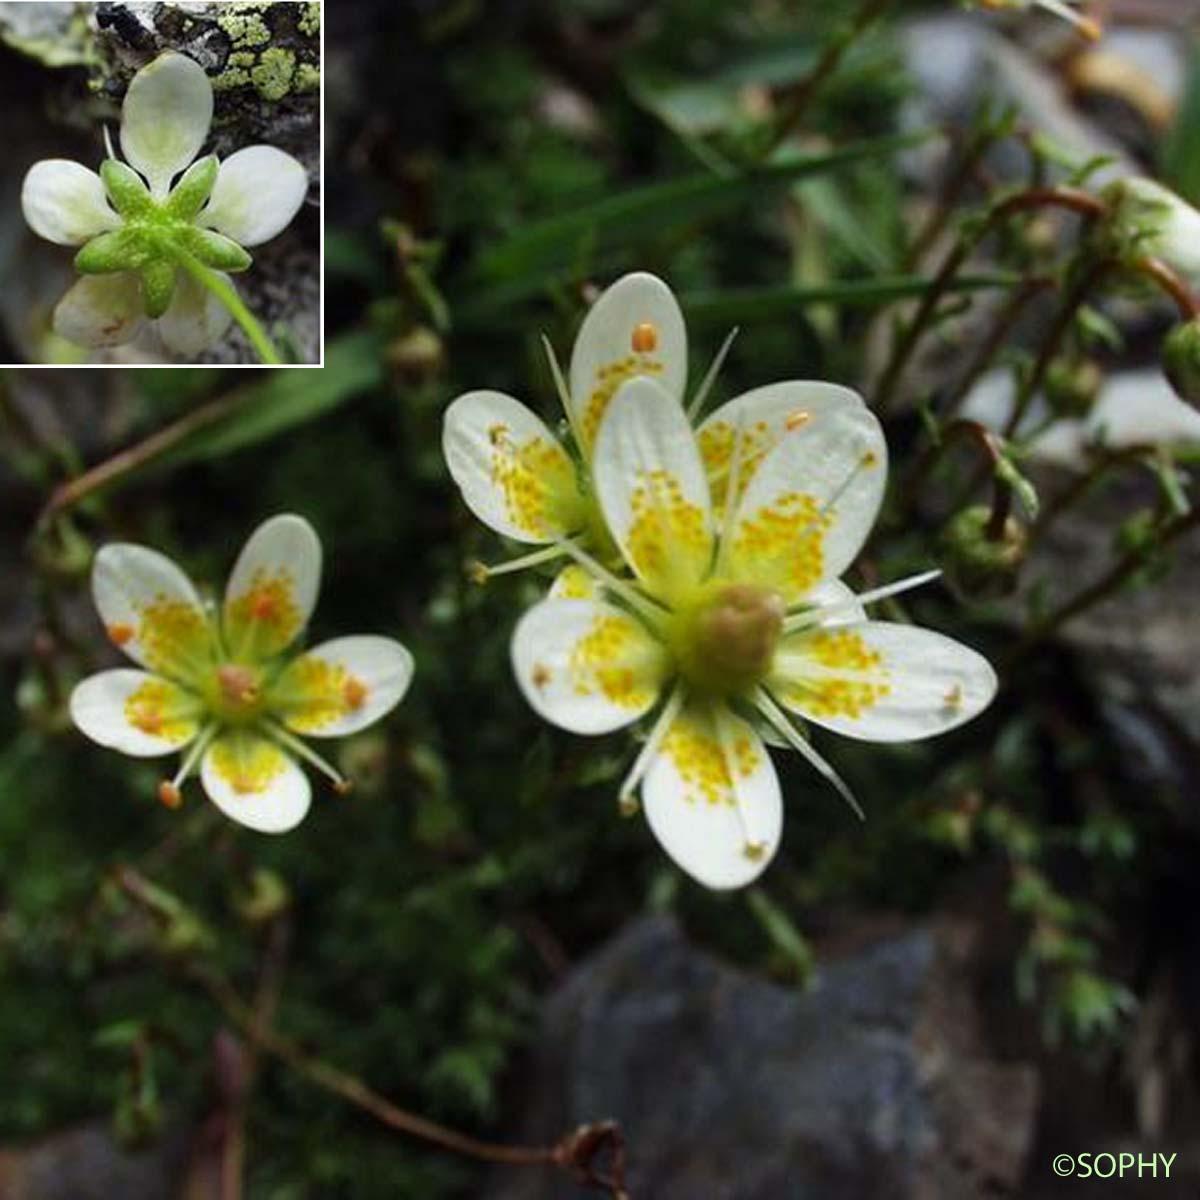 saxifrage d'auvergne - saxifraga bryoides - quelle-est-cette-fleur